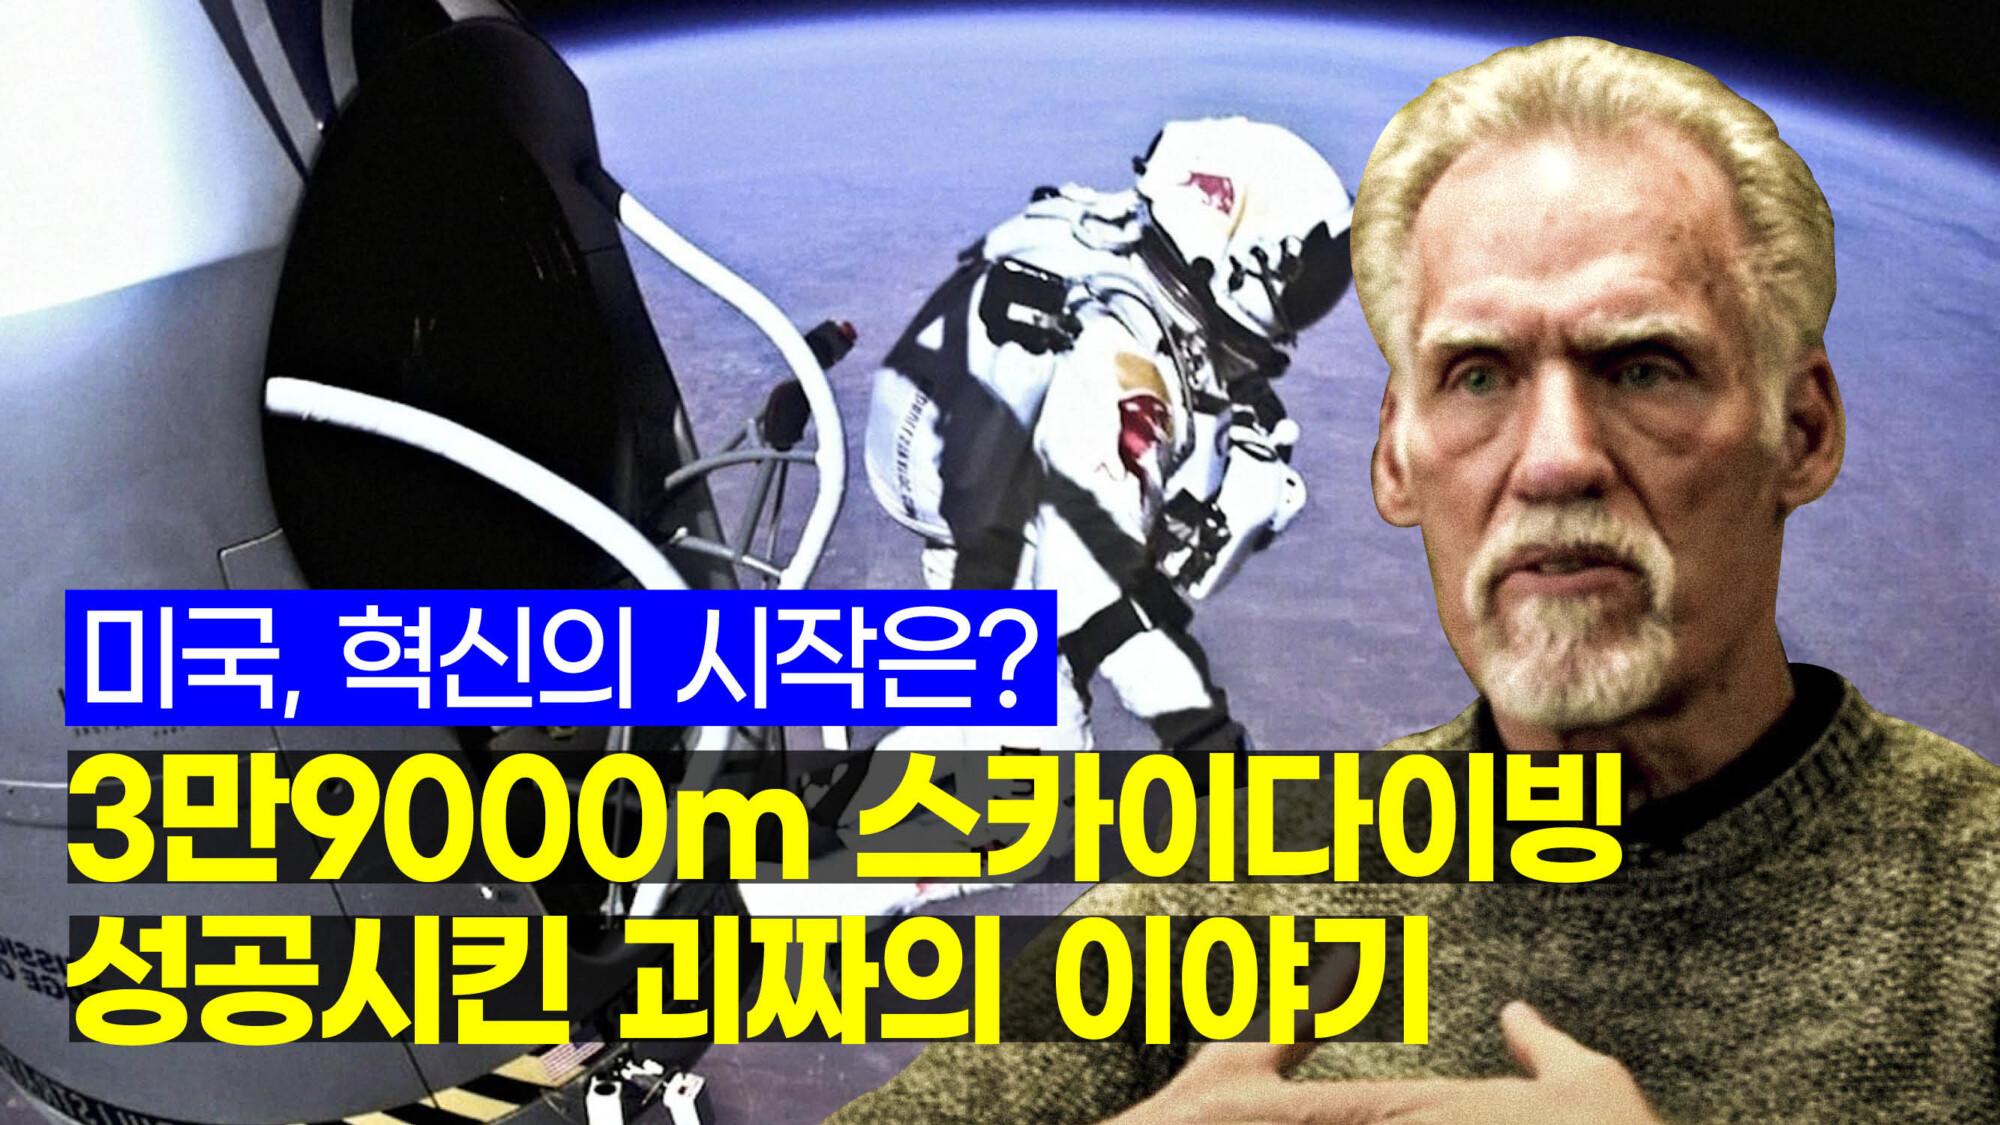 """3만9000m 스카이다이빙 성공시킨 괴짜 """"미국의 혁신, 여기서 나온다"""""""